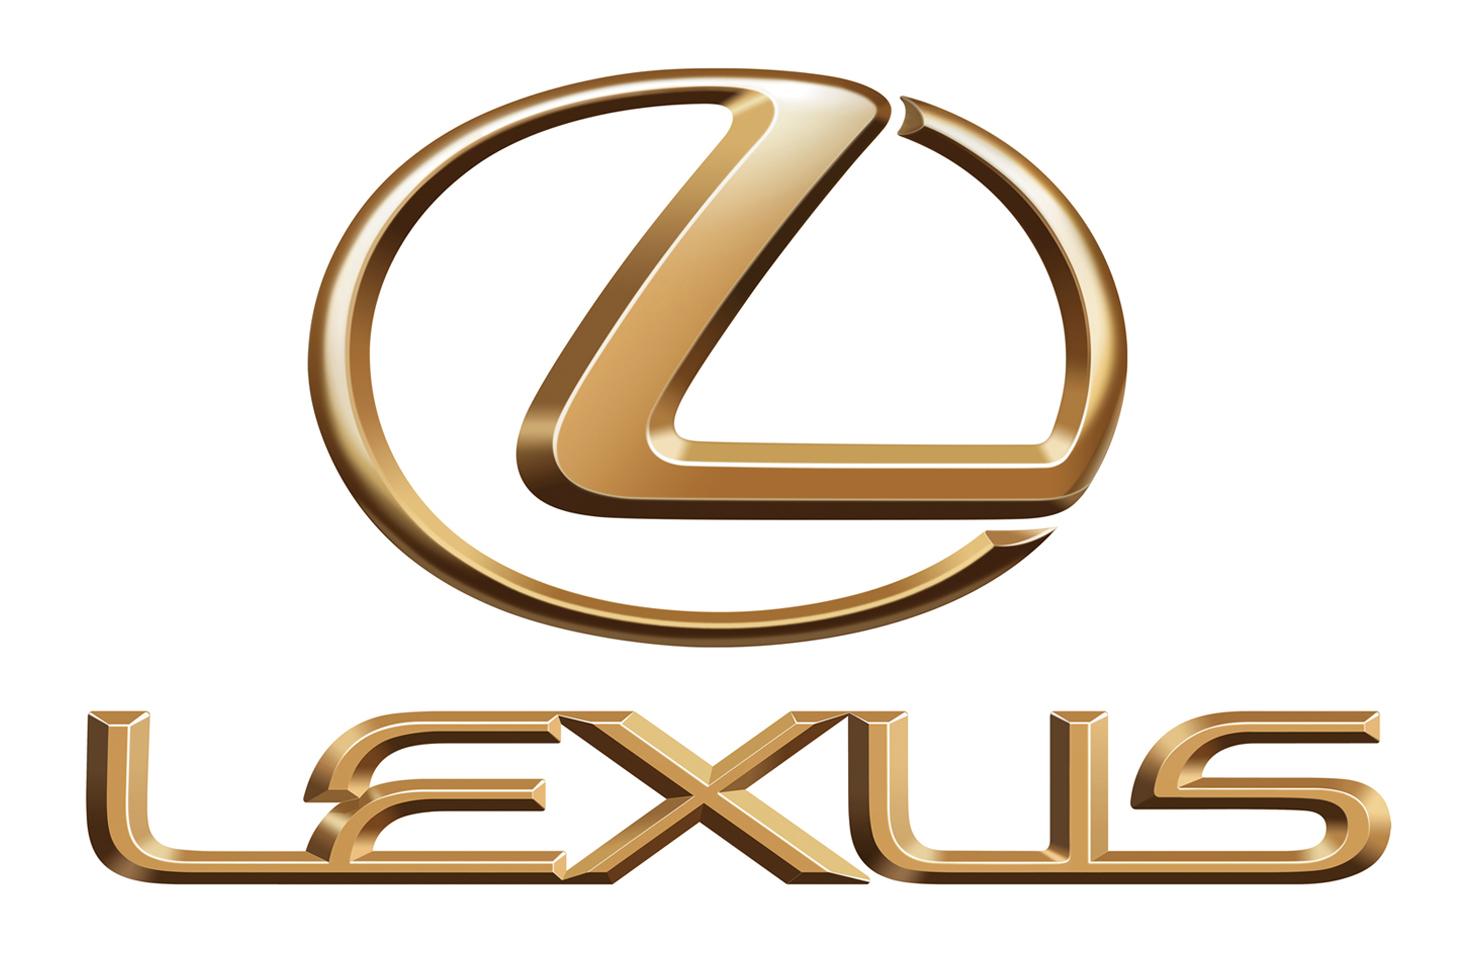 картинки логотип лексус часть это ангар